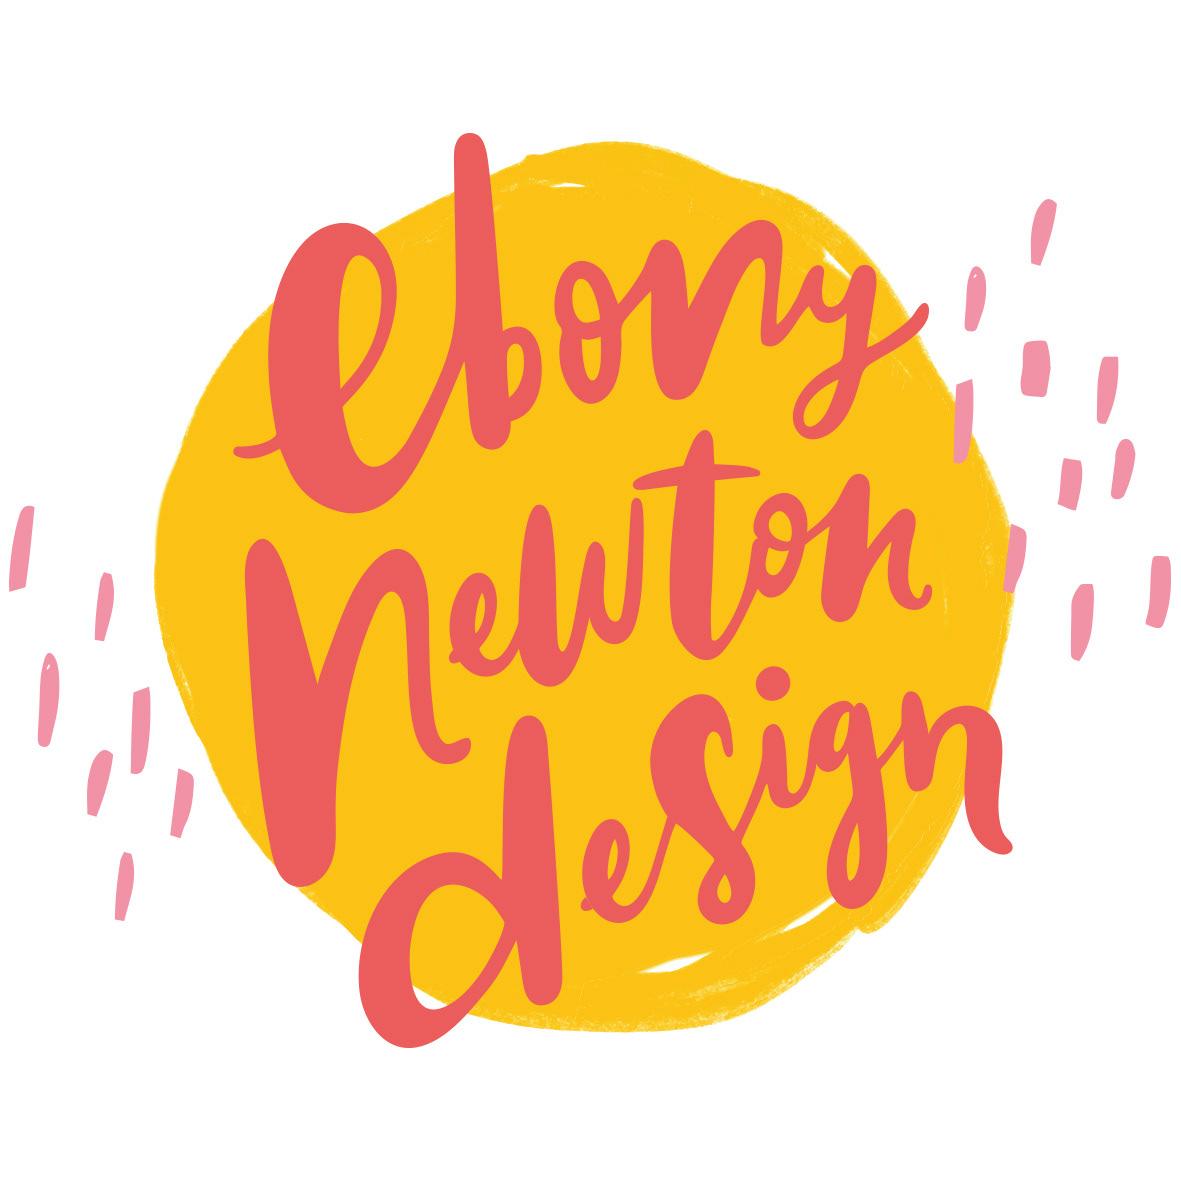 Ebony Newton